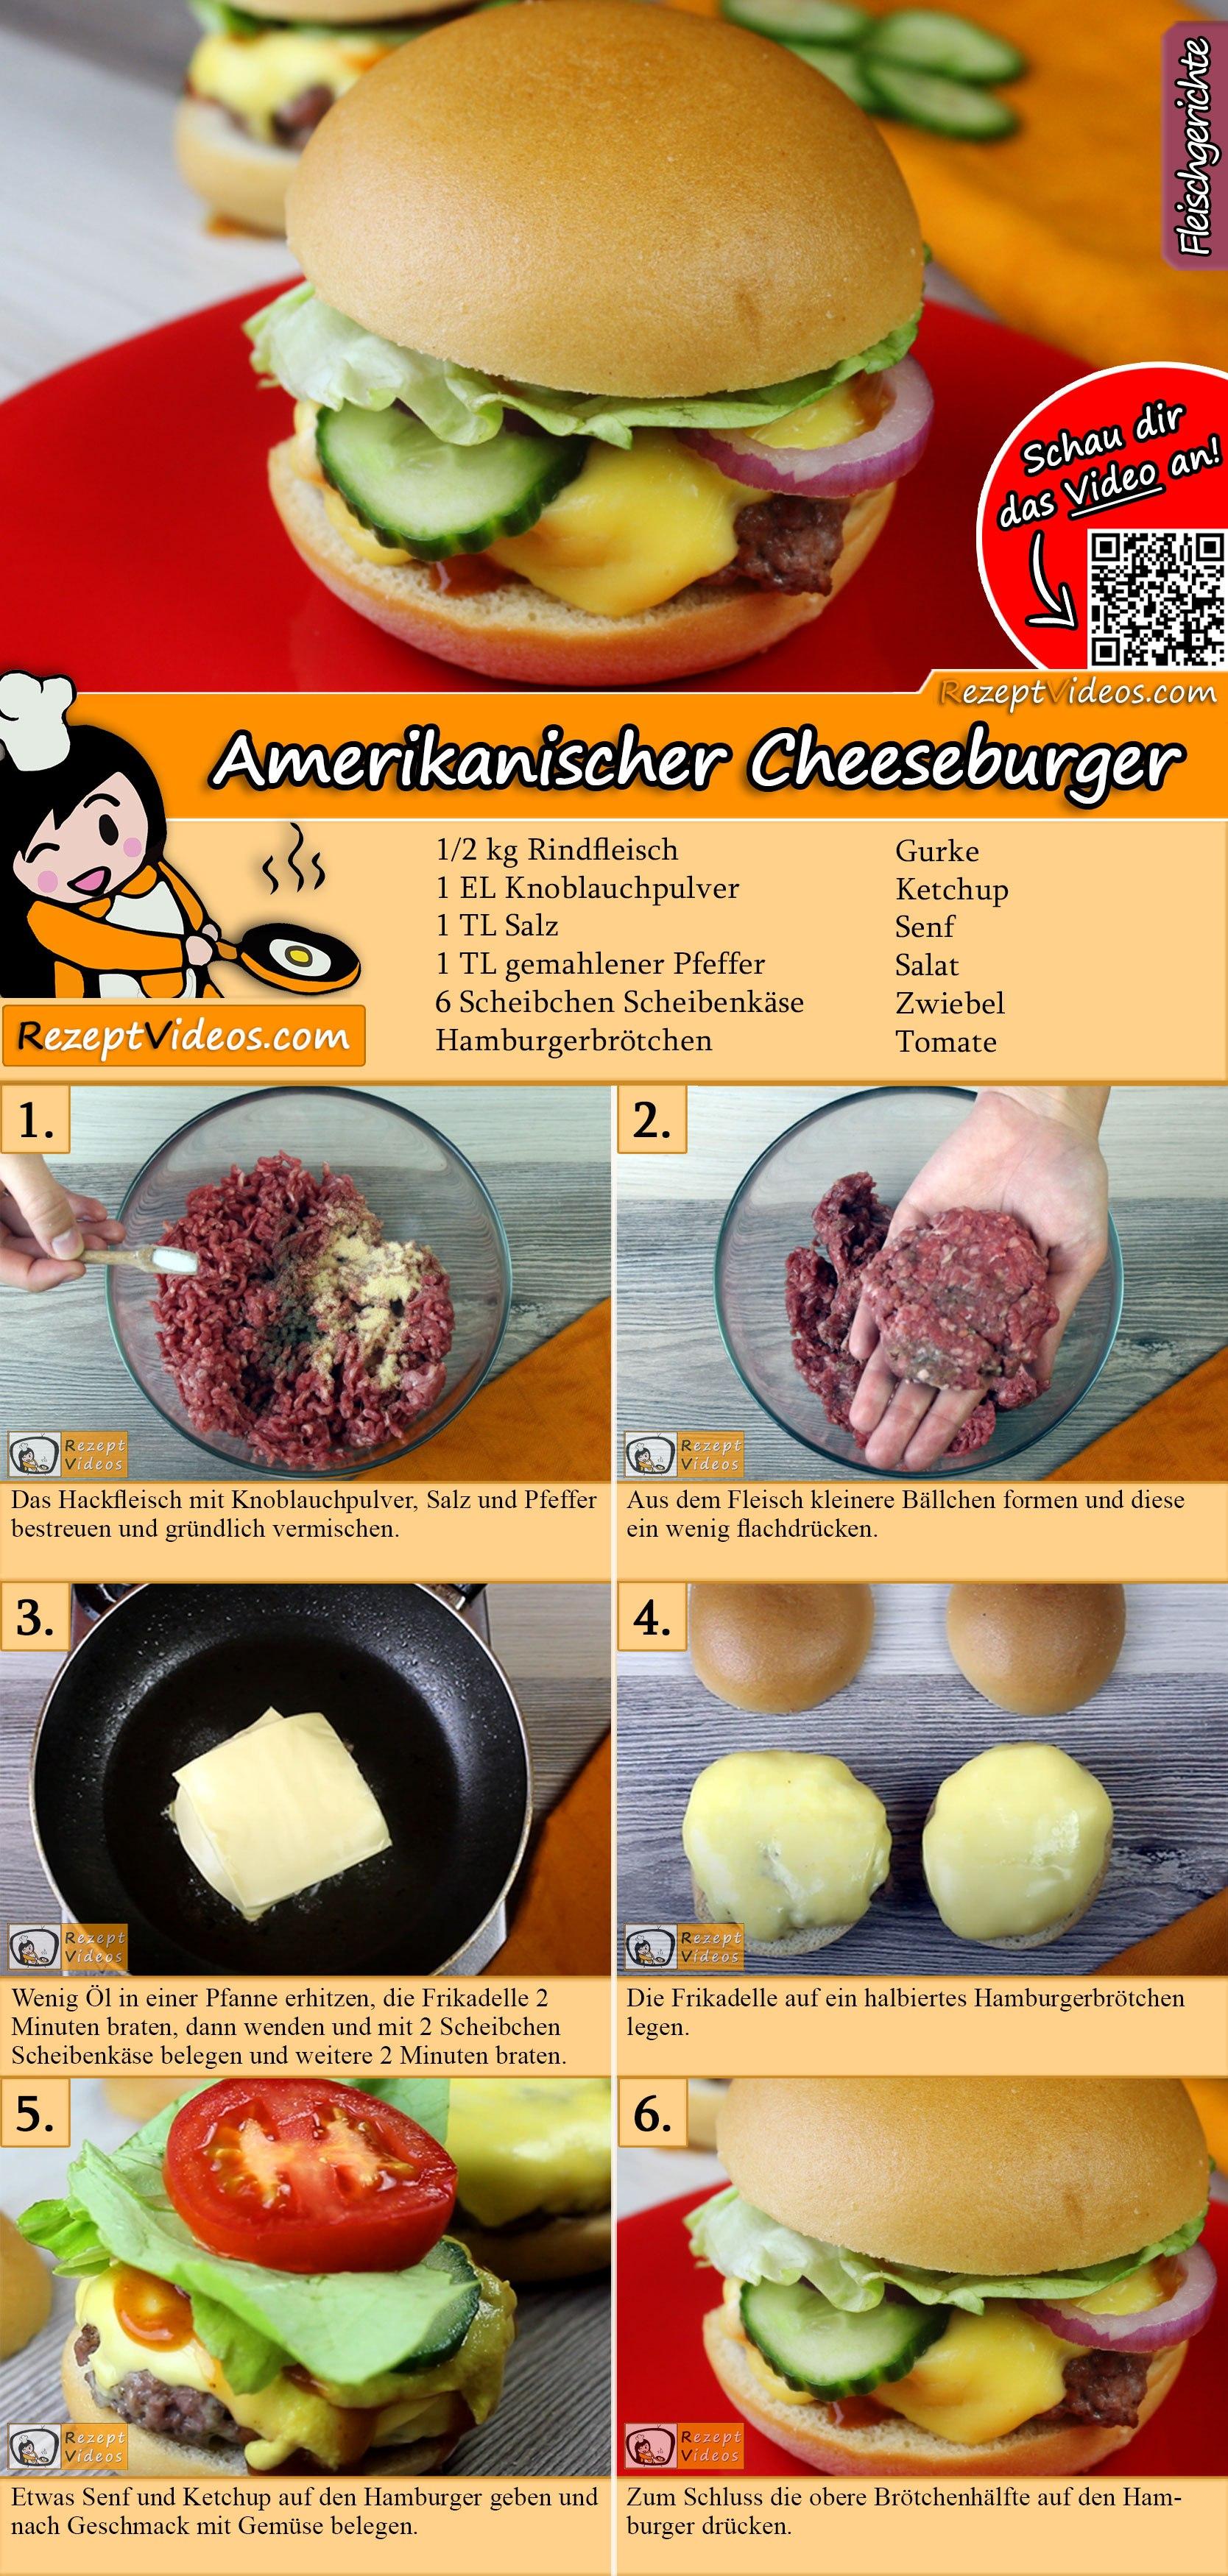 Amerikanischer Cheeseburger Rezept mit Video